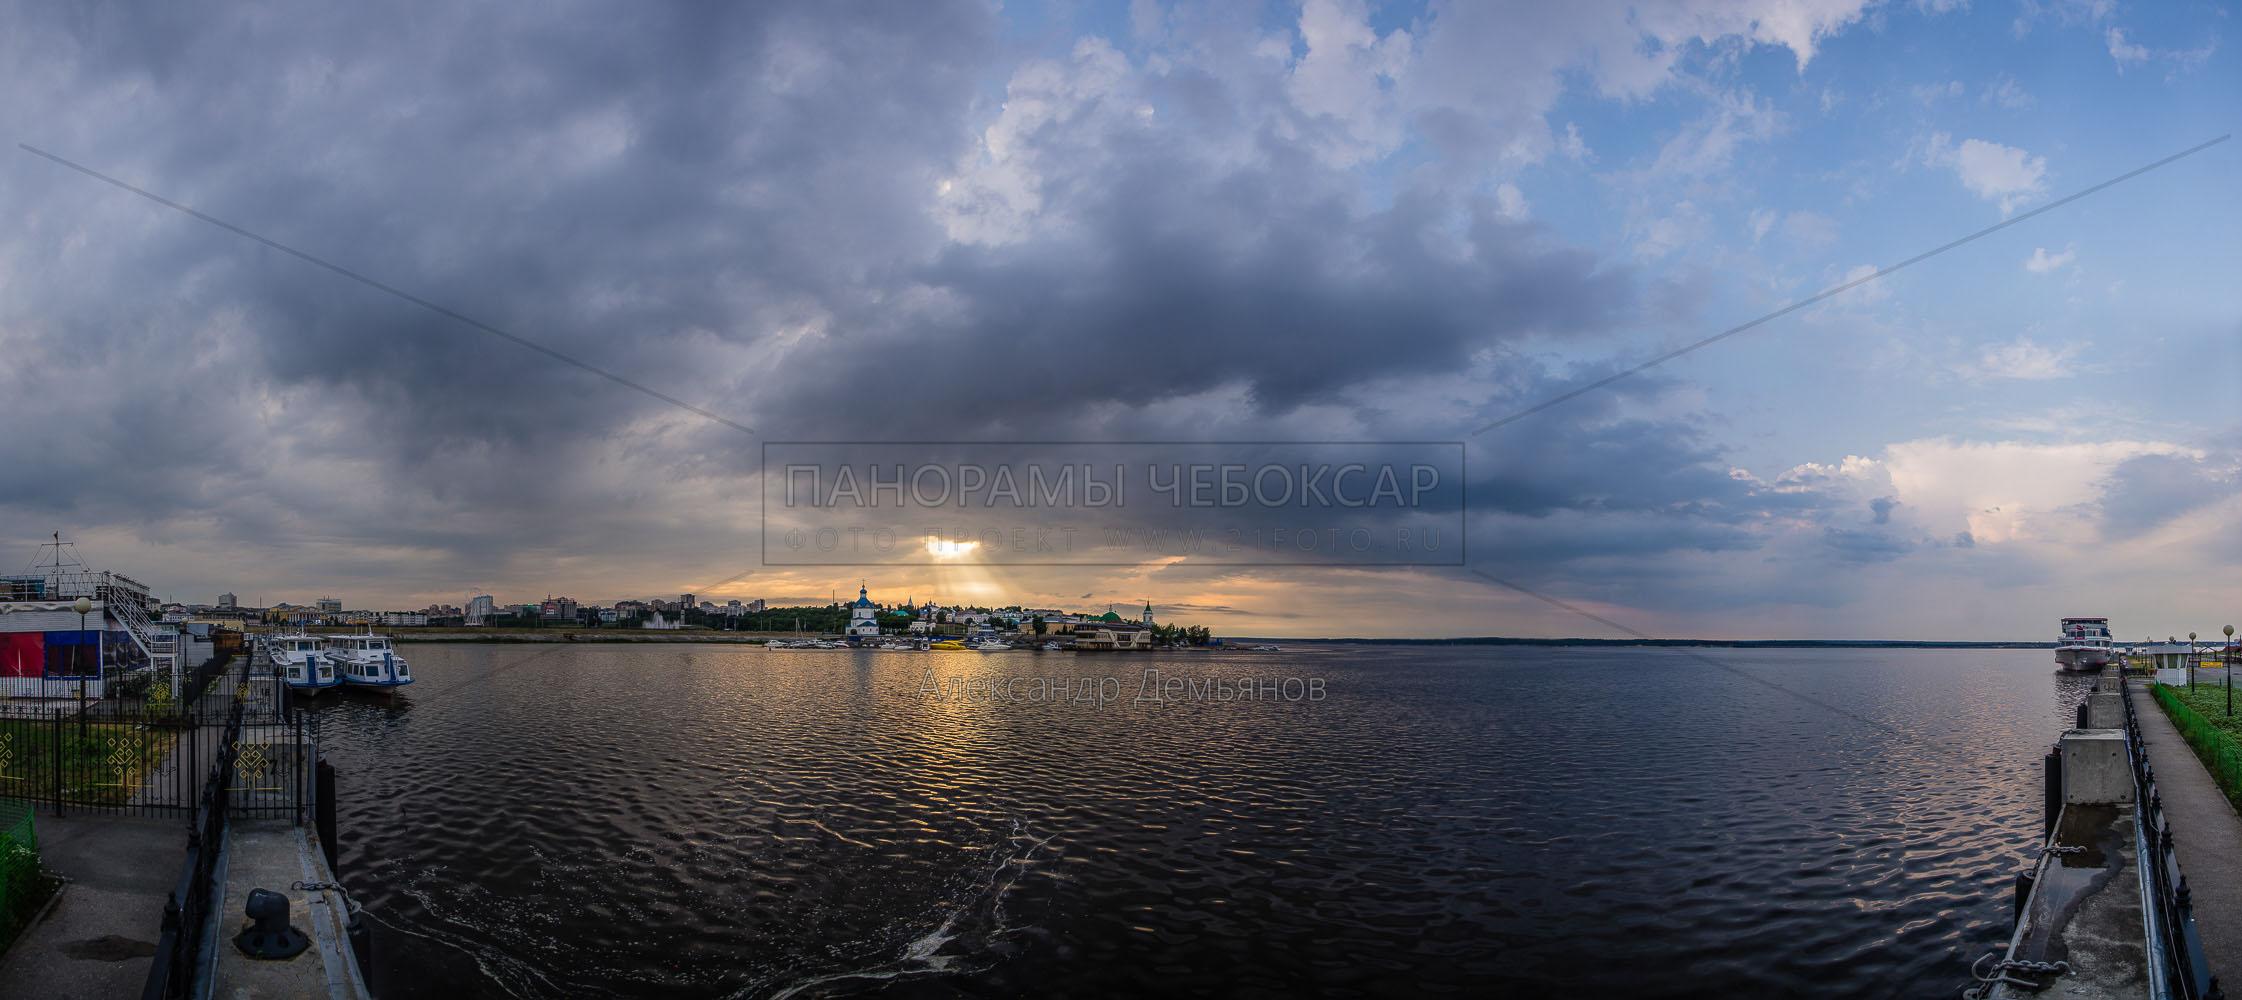 Чебоксарская бухта в облачном закате летом 2018